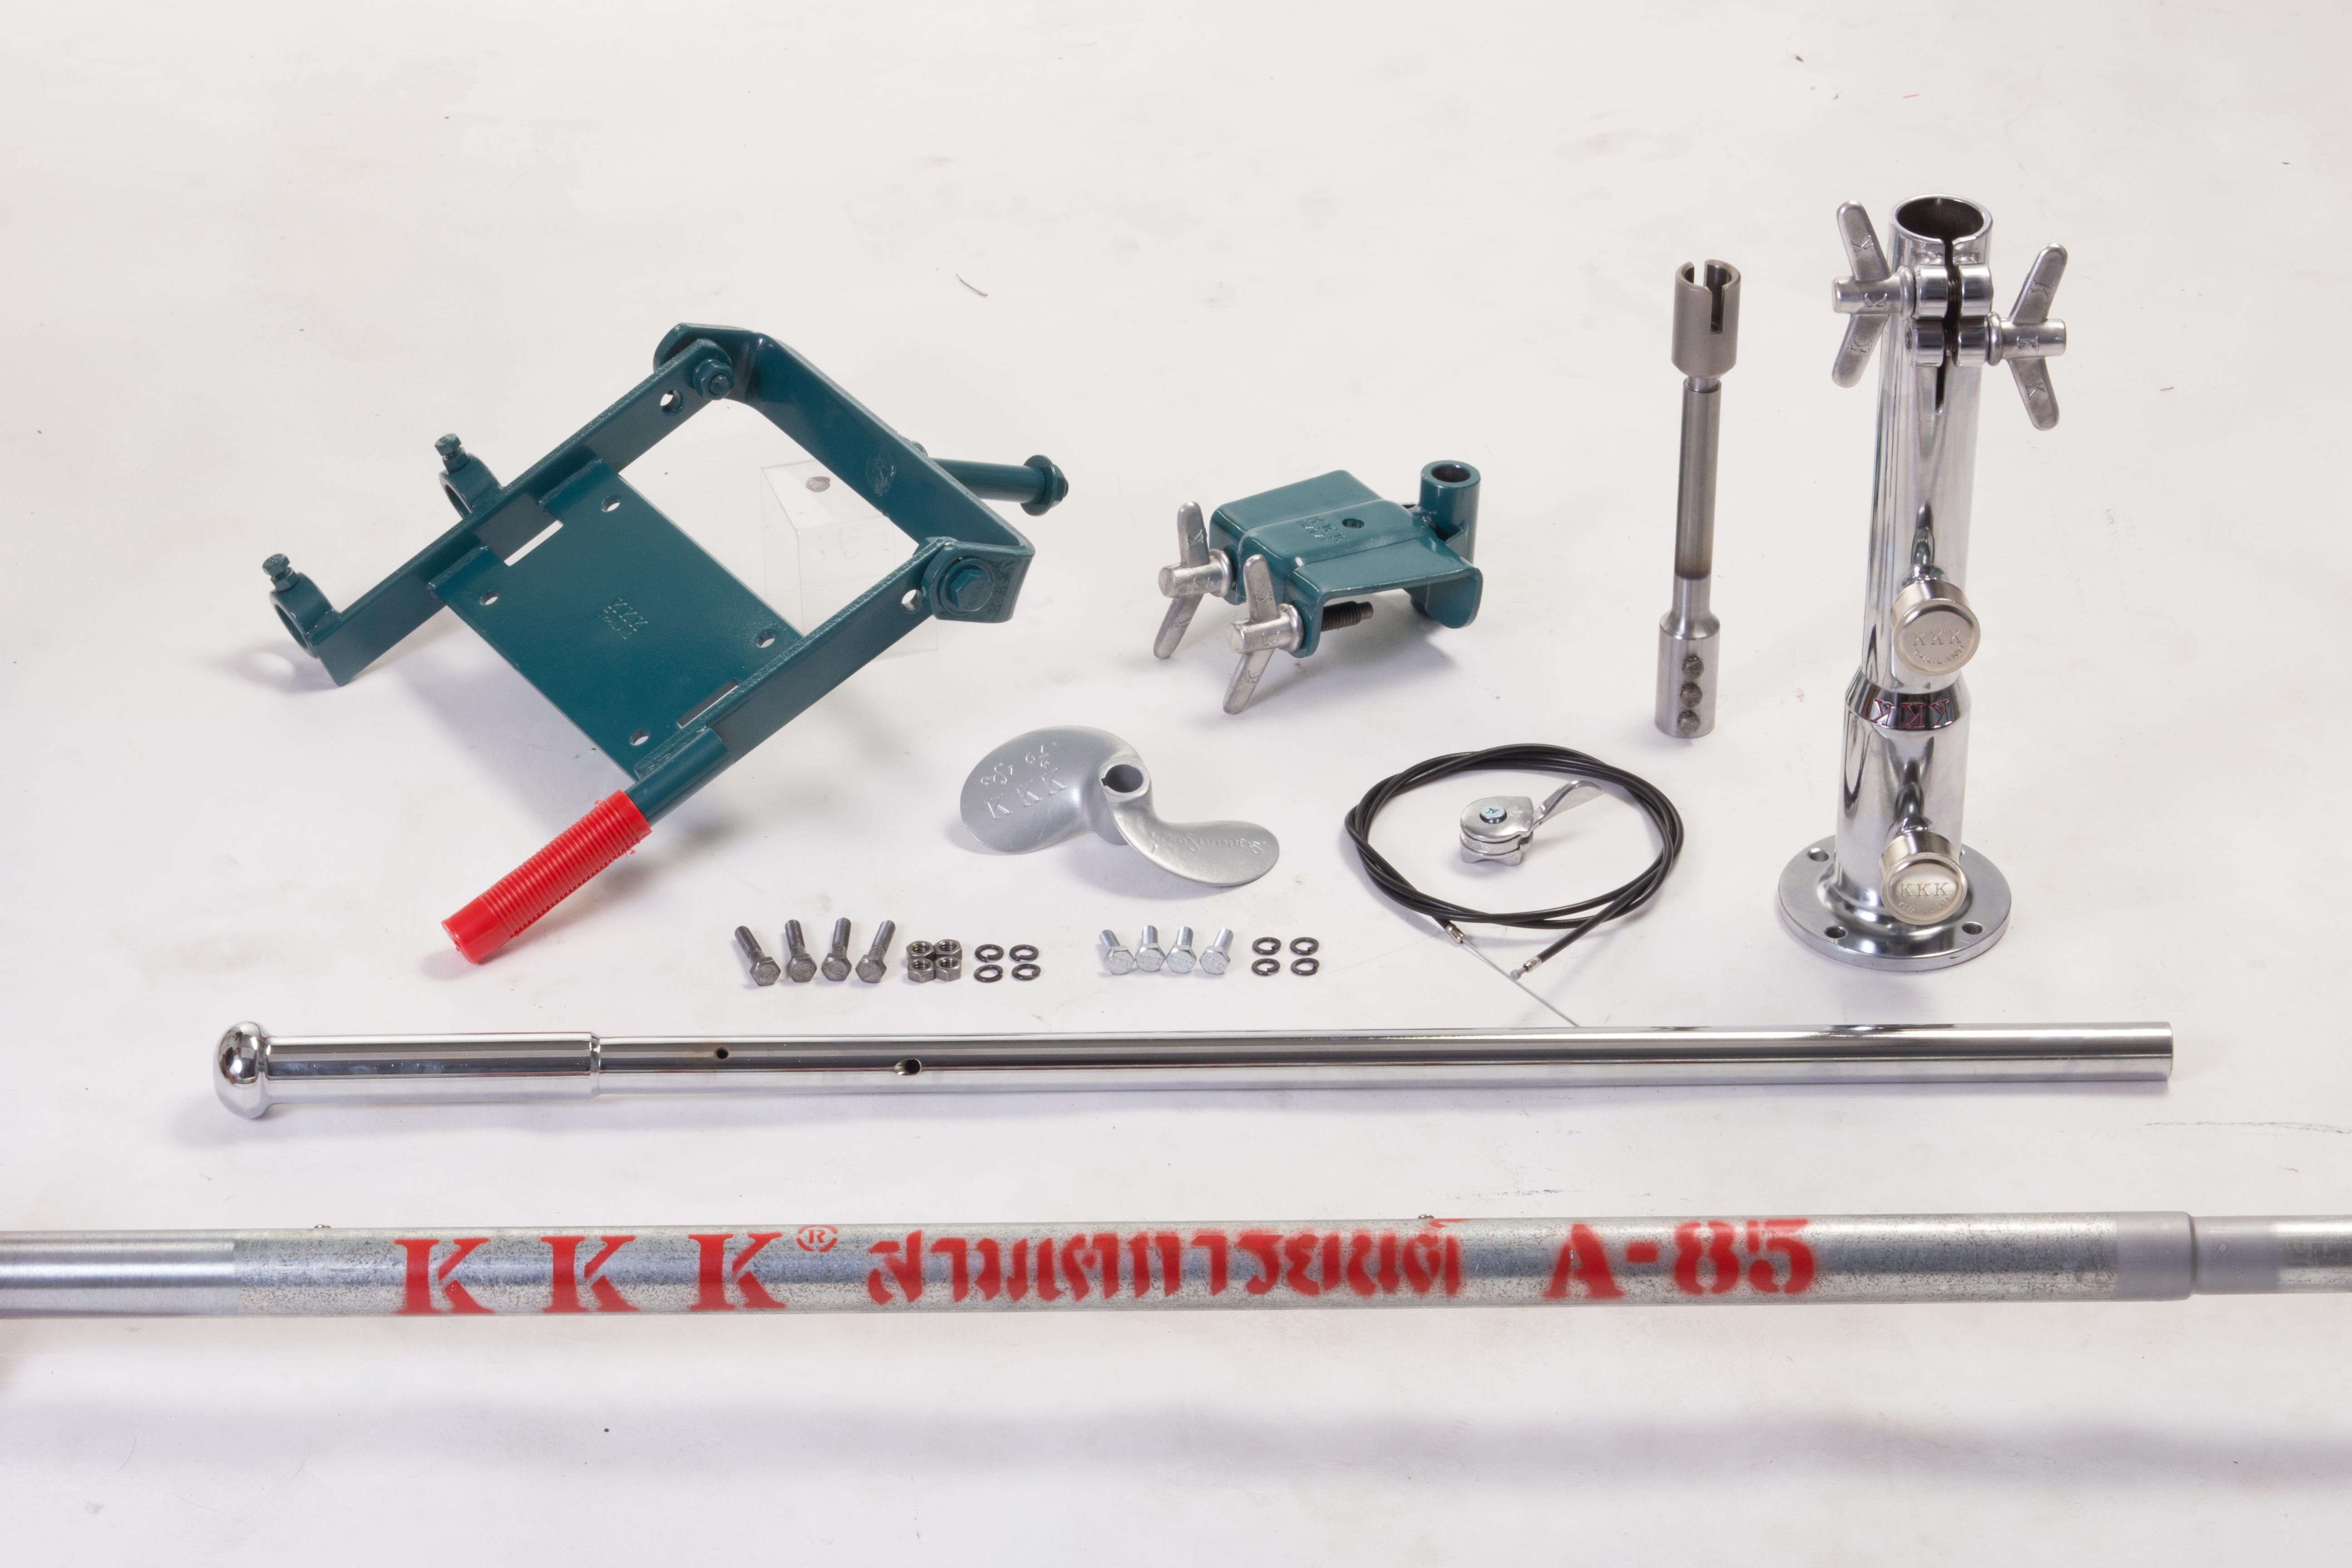 Honda Outboard Engine, Ltob 10.5 Hp, Petrol, 4 Stroke